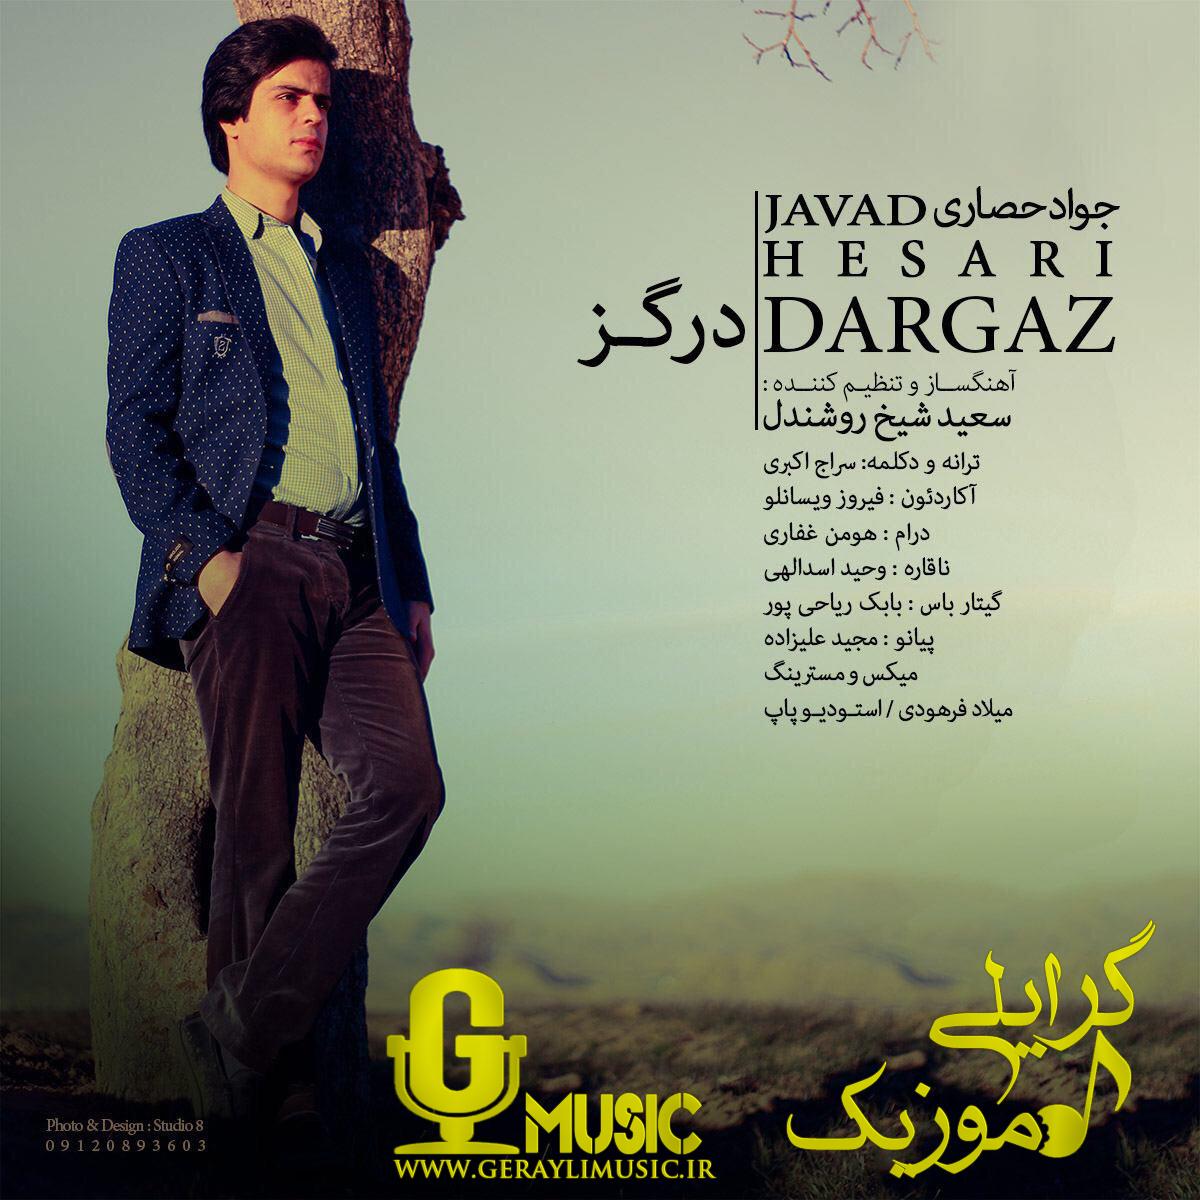 آهنگ بسیار زیبا به نام درگز از جواد حصاری